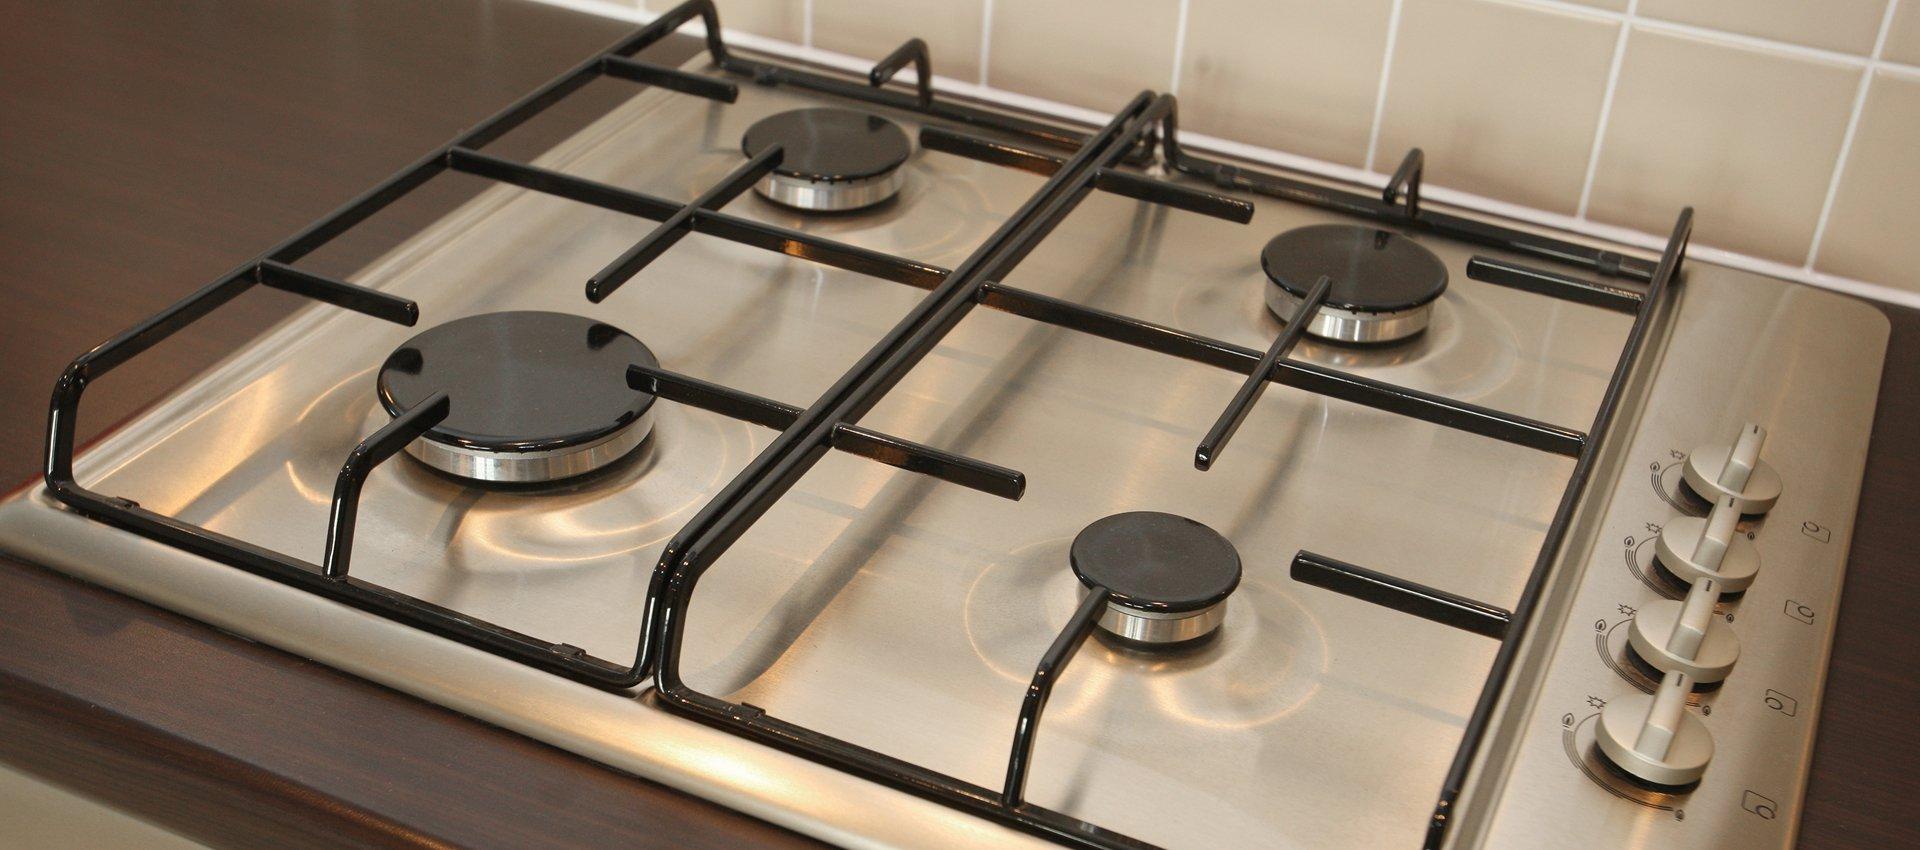 Expert gas cooker repairs